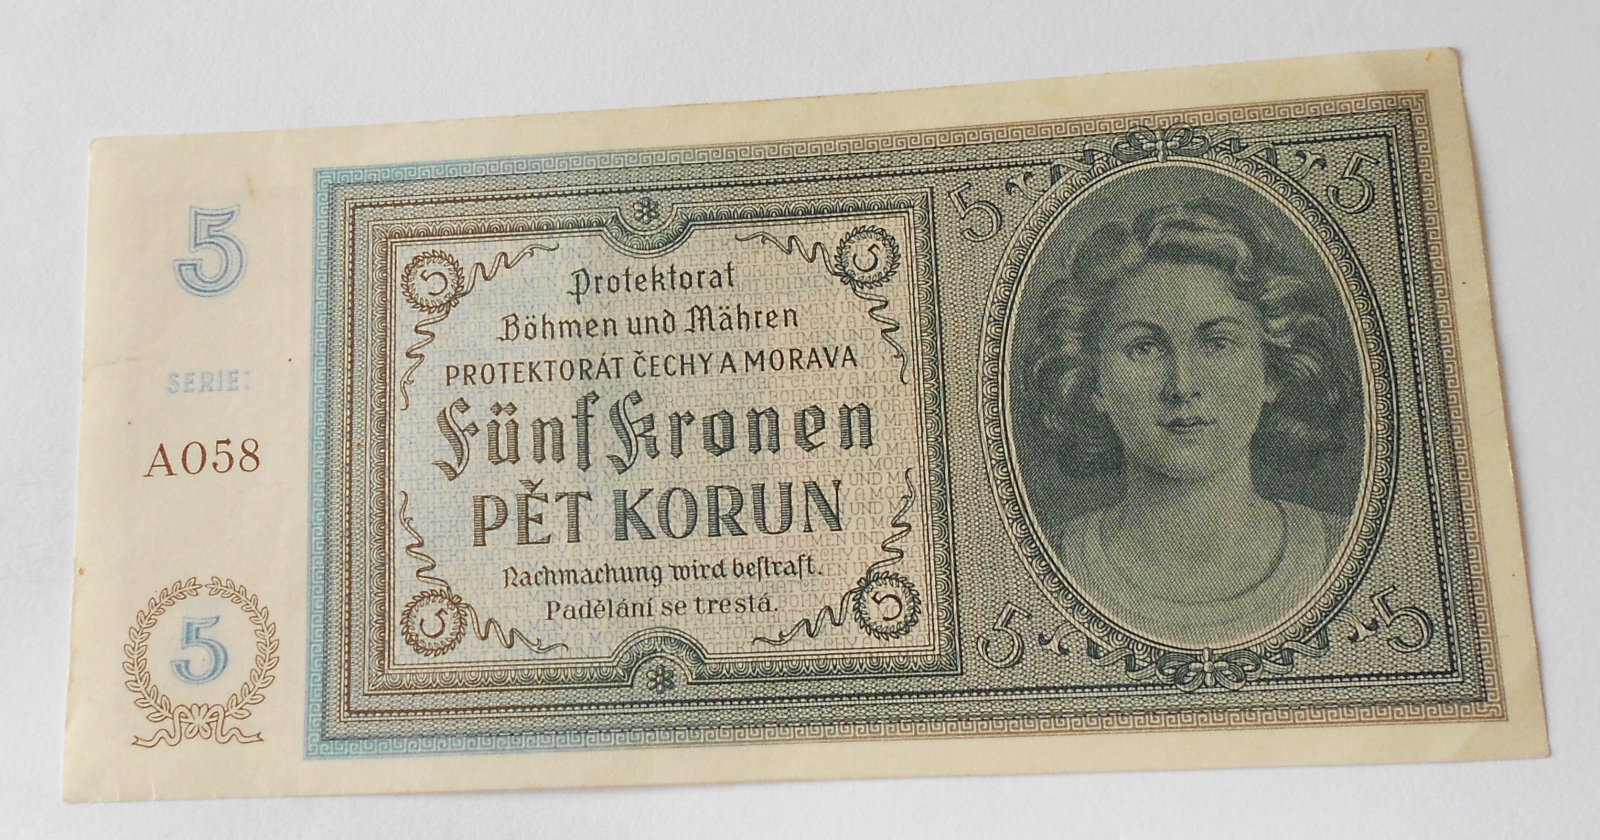 5 Koruna 1940, A-058